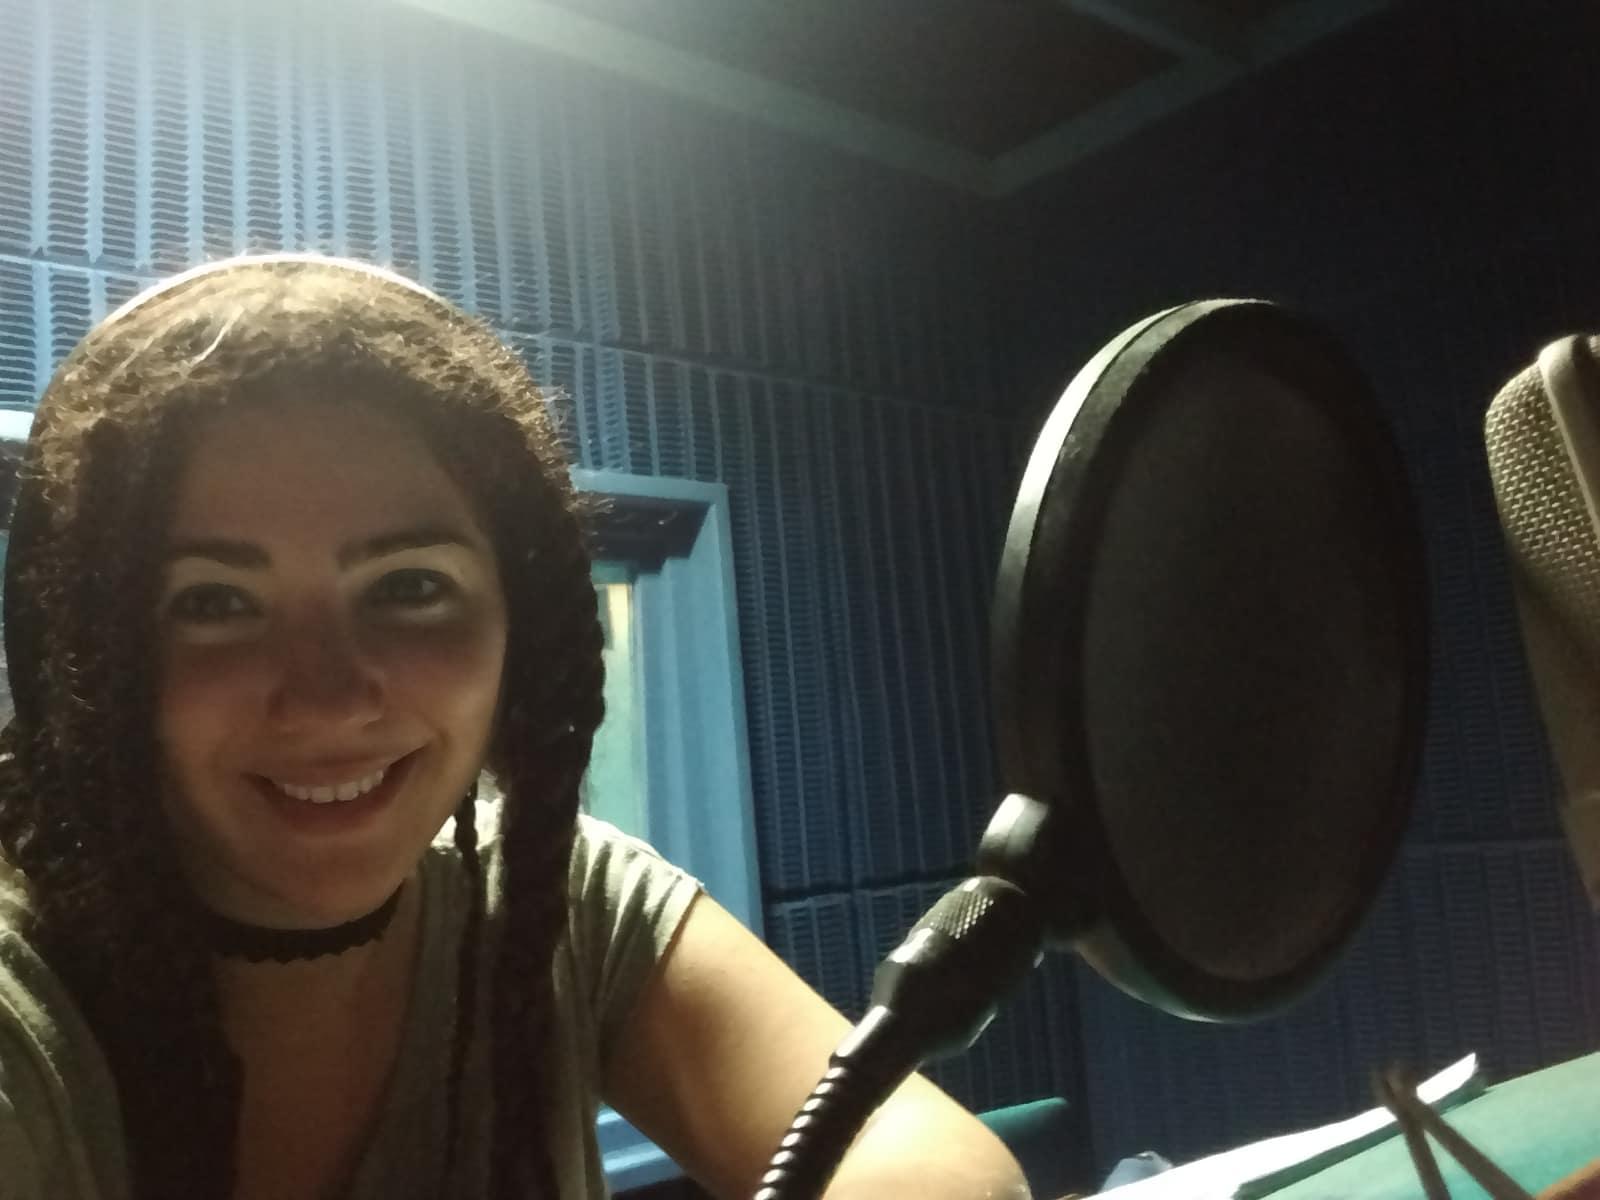 Daniela Andrea De Gasperi